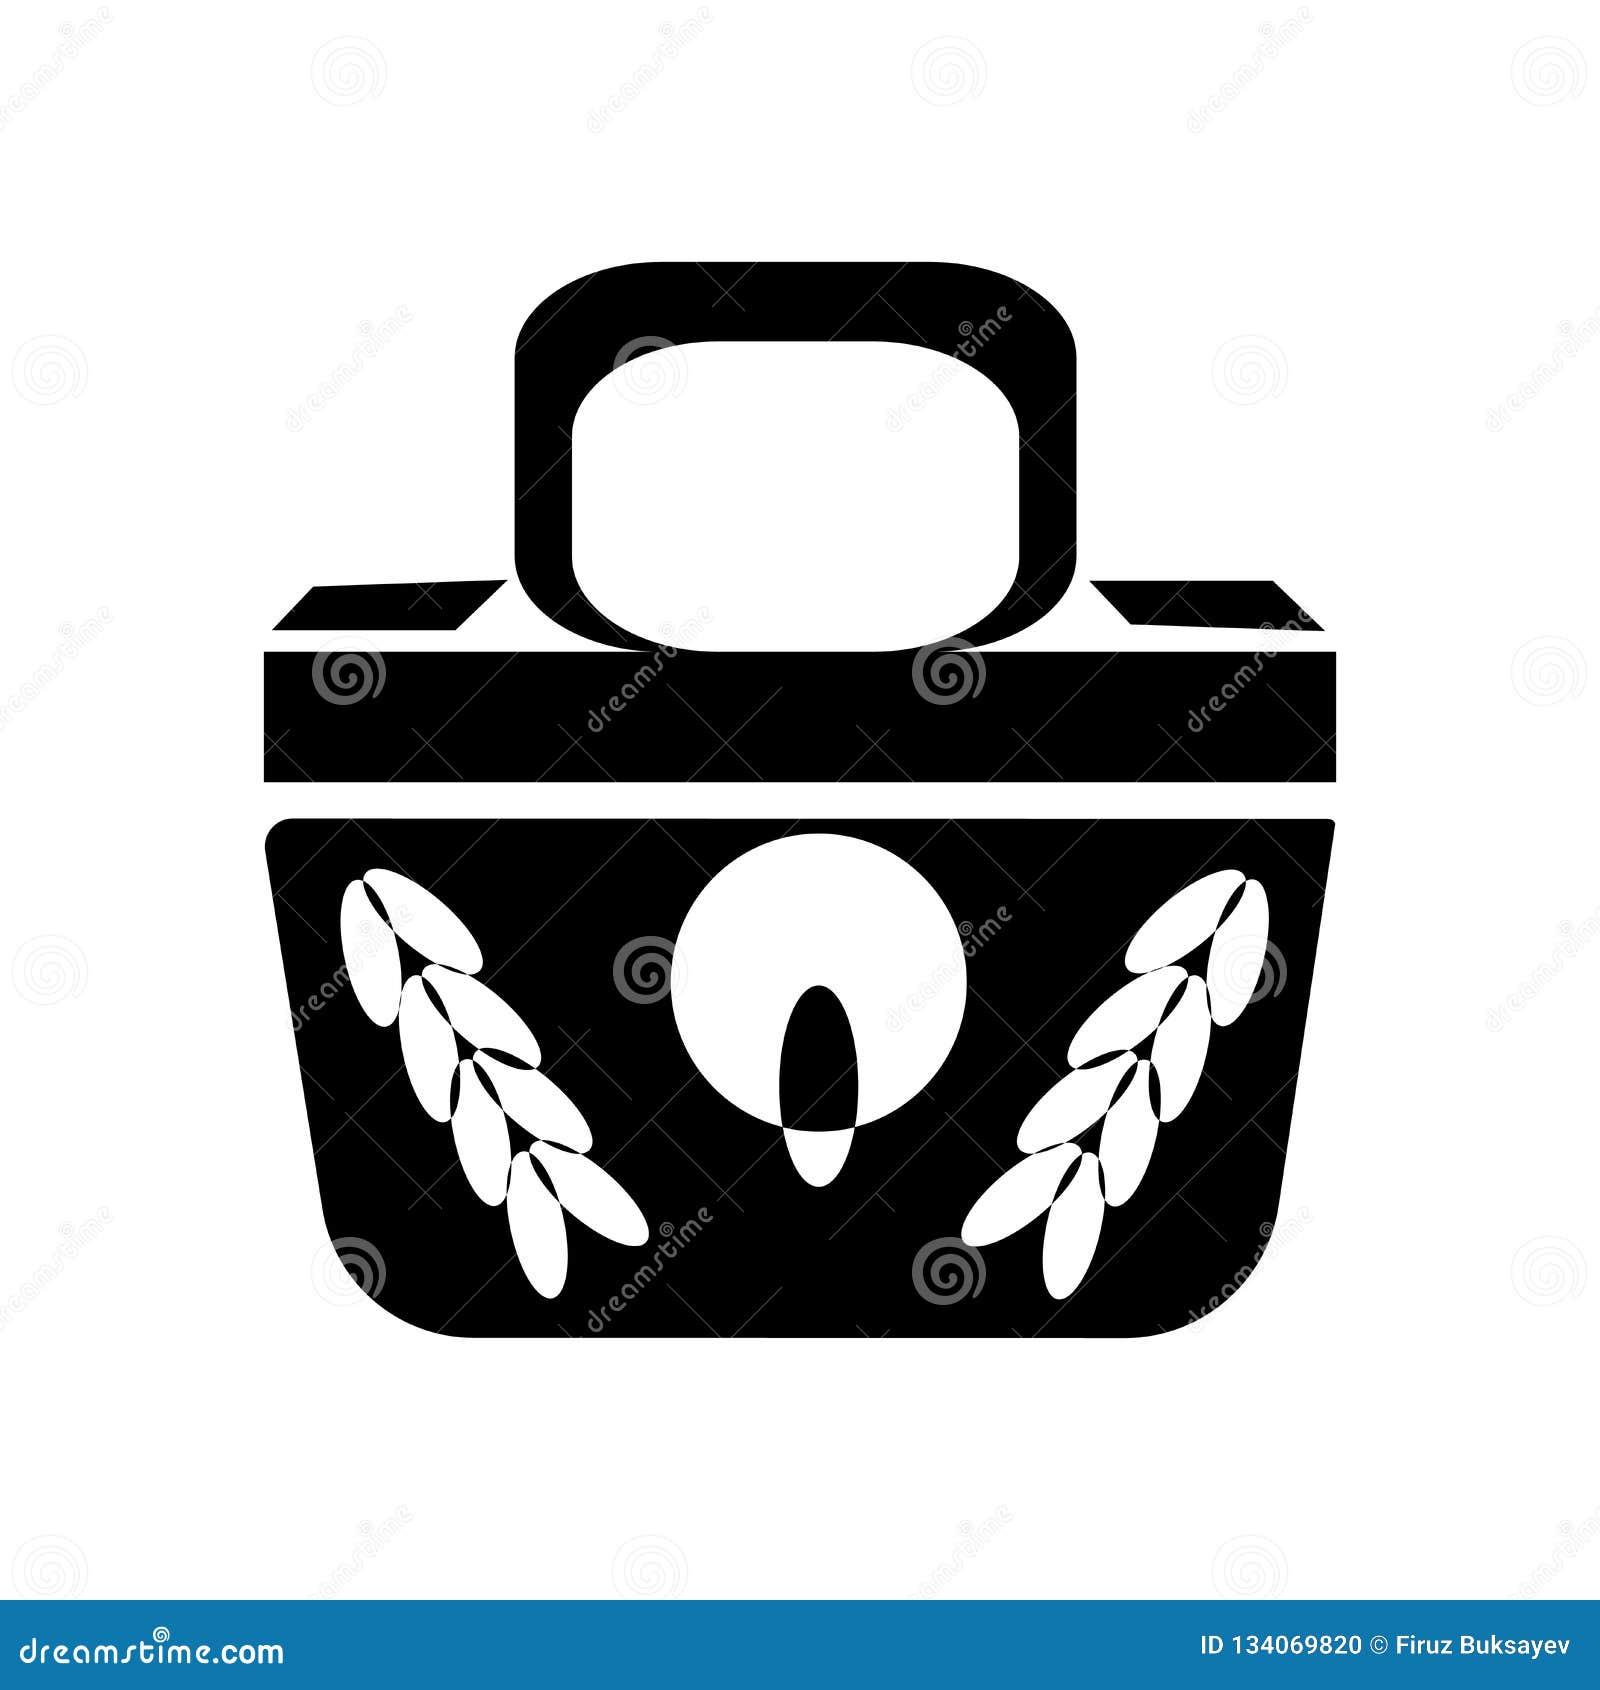 Θηλυκά μαύρα σημάδι και σύμβολο εικονιδίων τσαντών διανυσματικά που απομονώνονται στο άσπρο υπόβαθρο, θηλυκή μαύρη έννοια λογότυπ